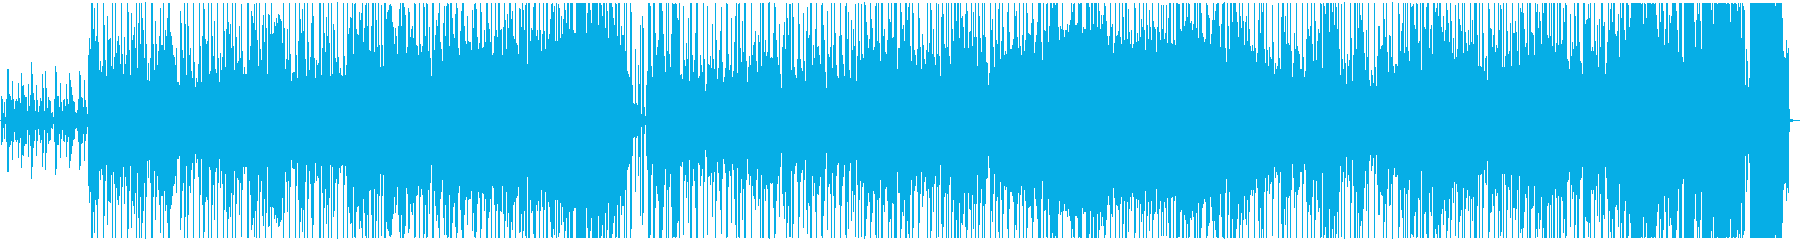 明るく楽しいオルガン・ファンクの再生済みの波形